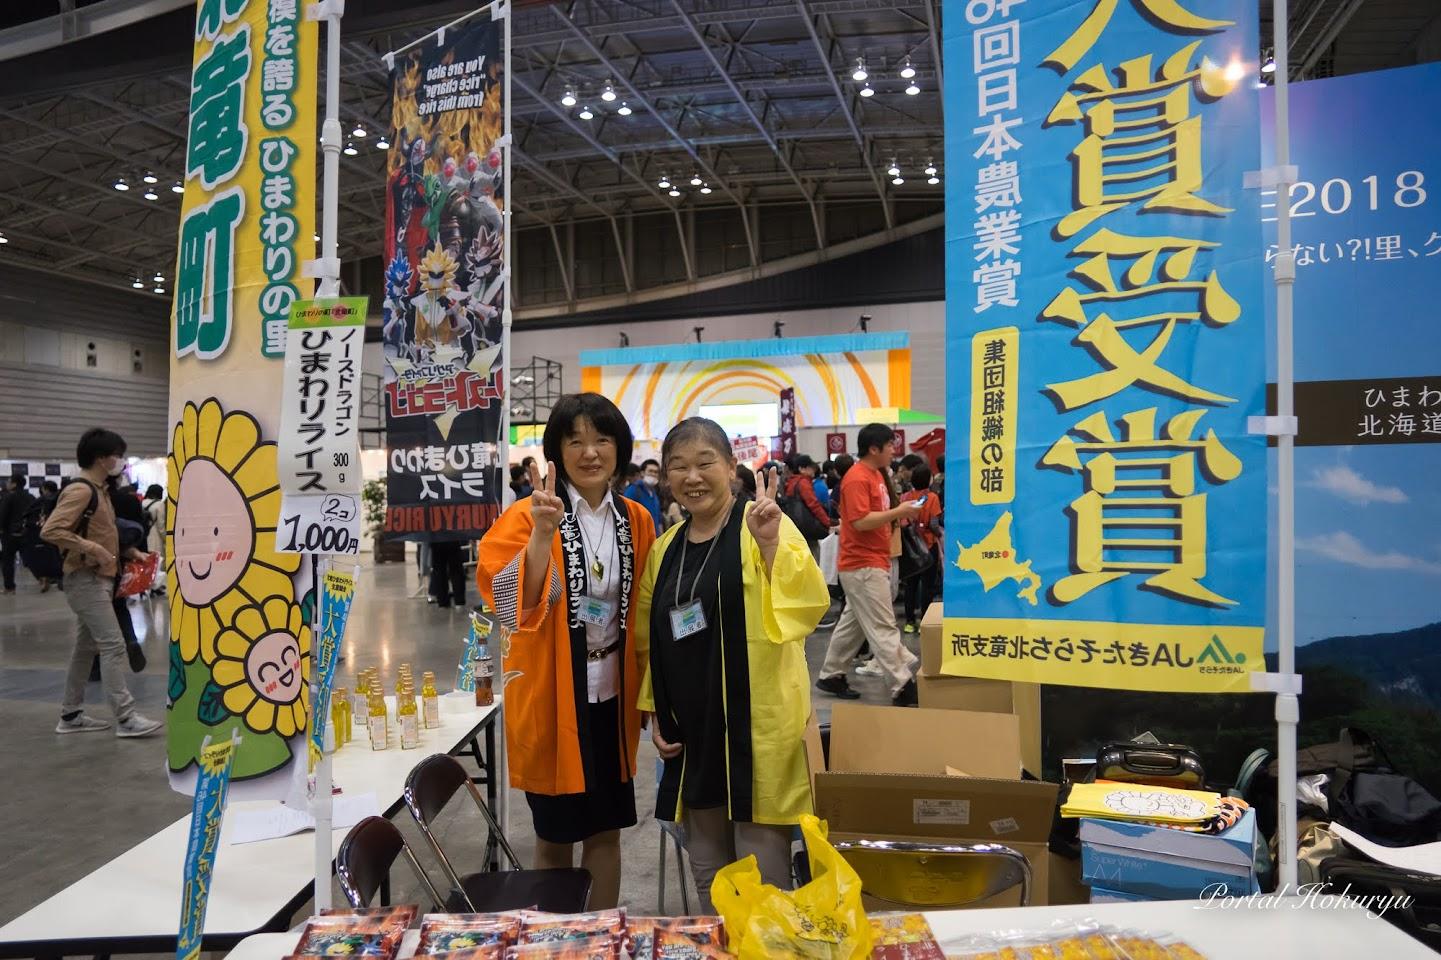 竹林由美子さん(右) 中村裕世さん(左)